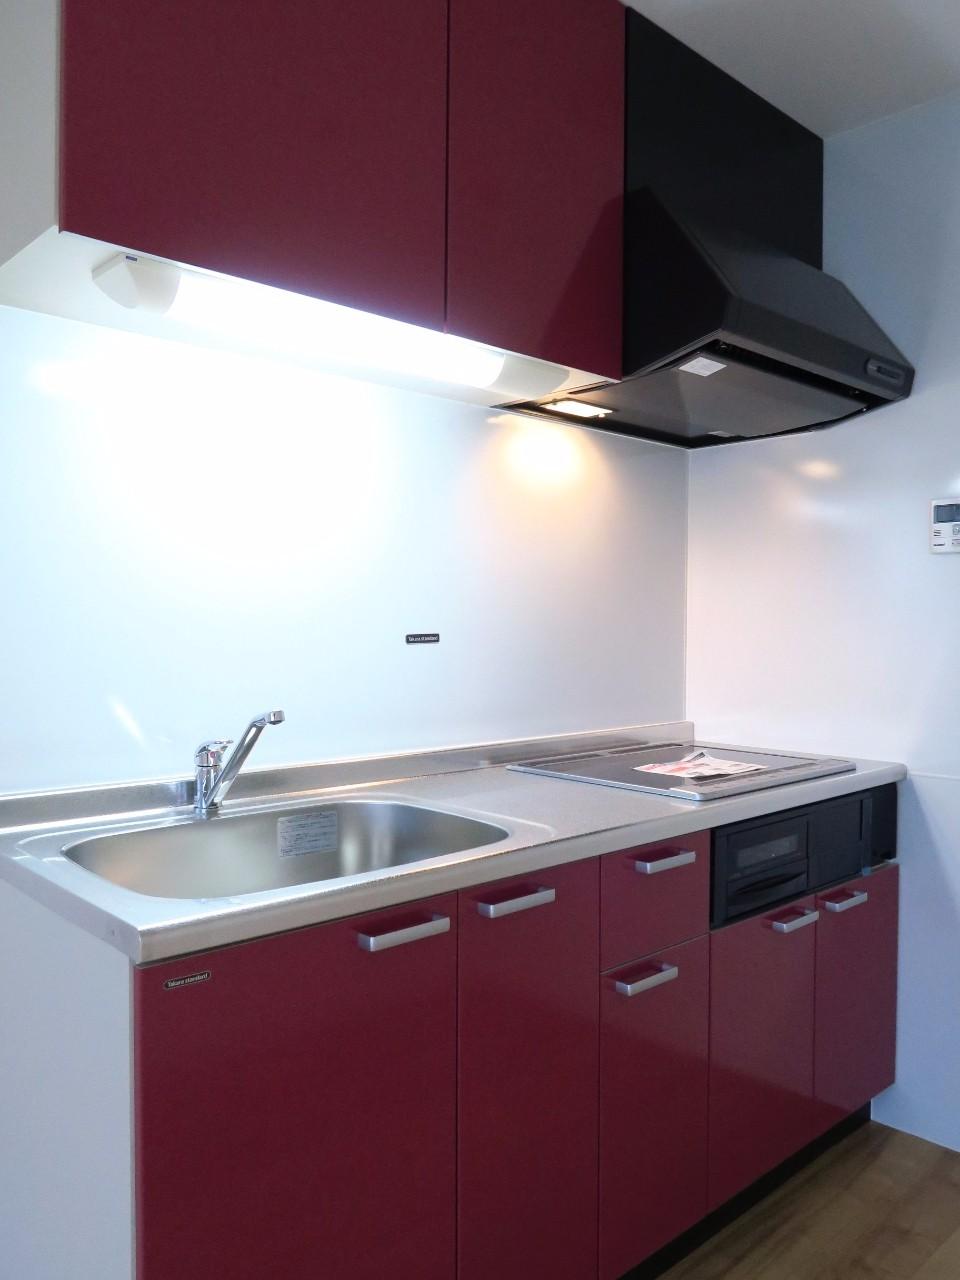 キッチンはIHタイプのコンロにグリル付き。収納スペースも豊富にあるので、食材や食器がたくさんある方にもおすすめです。これで自炊生活も難なくできそう!